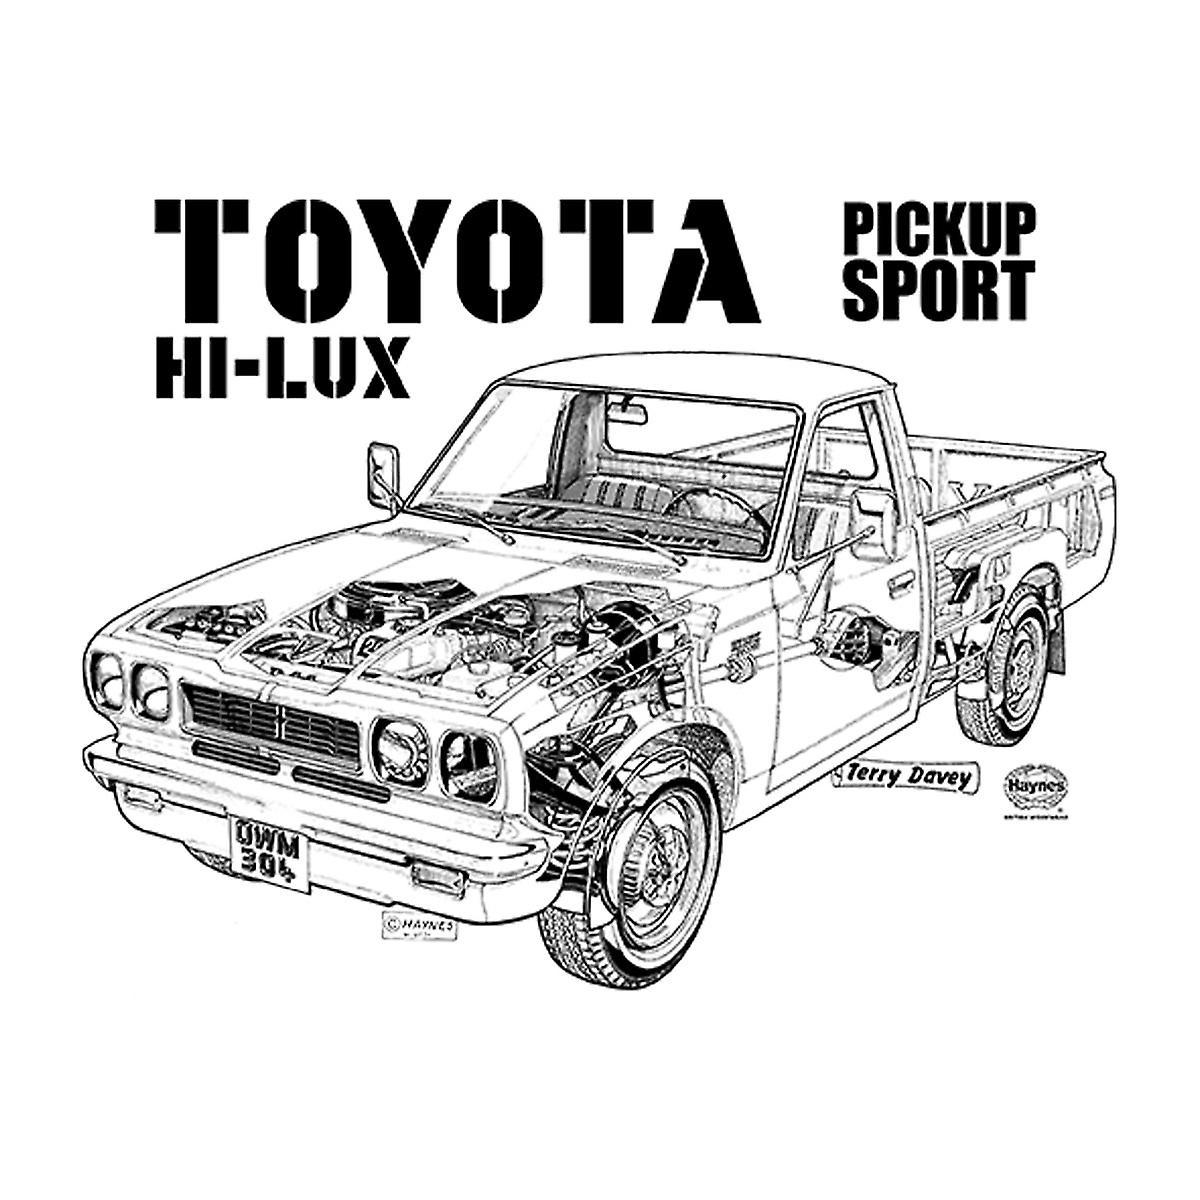 Haynes Workshop manuel Toyota Hi Lux sort dame T-Shirt